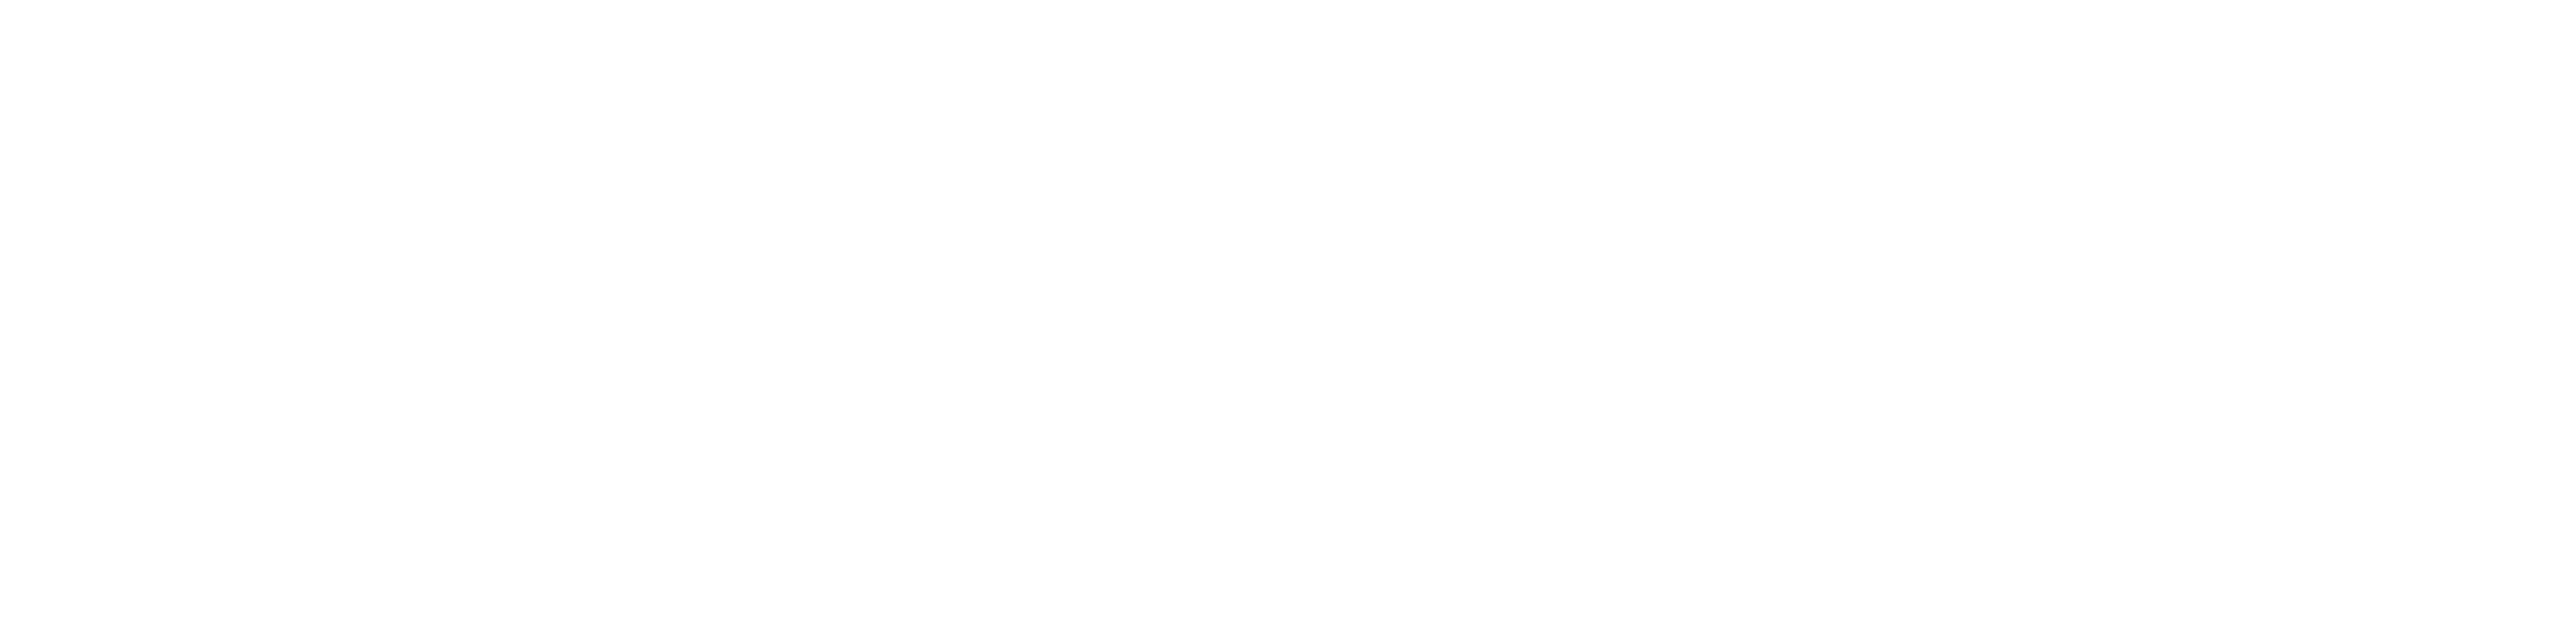 Rebels Valley